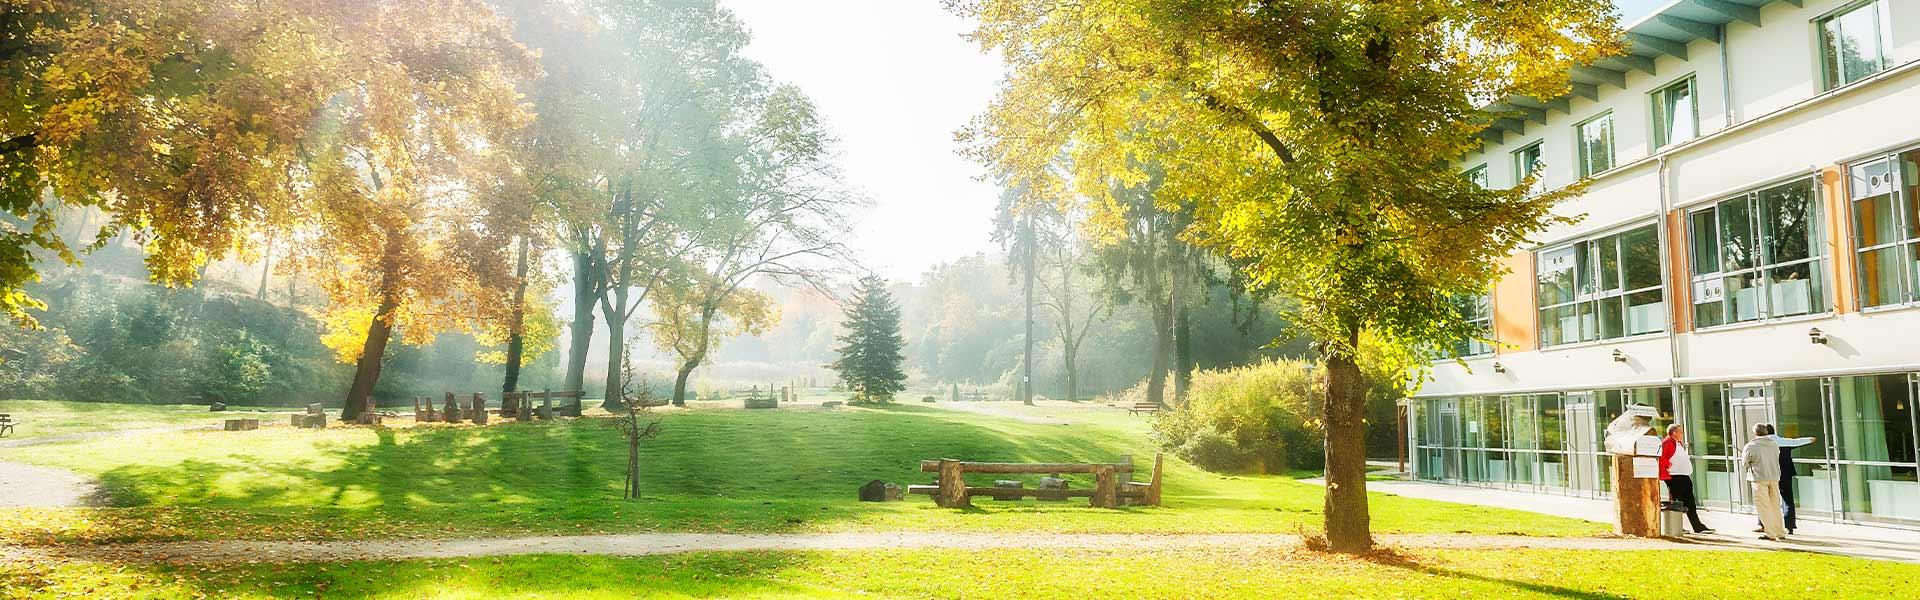 Gartenanlage im Herbst - © Reinhard Podolsky/mediadesign